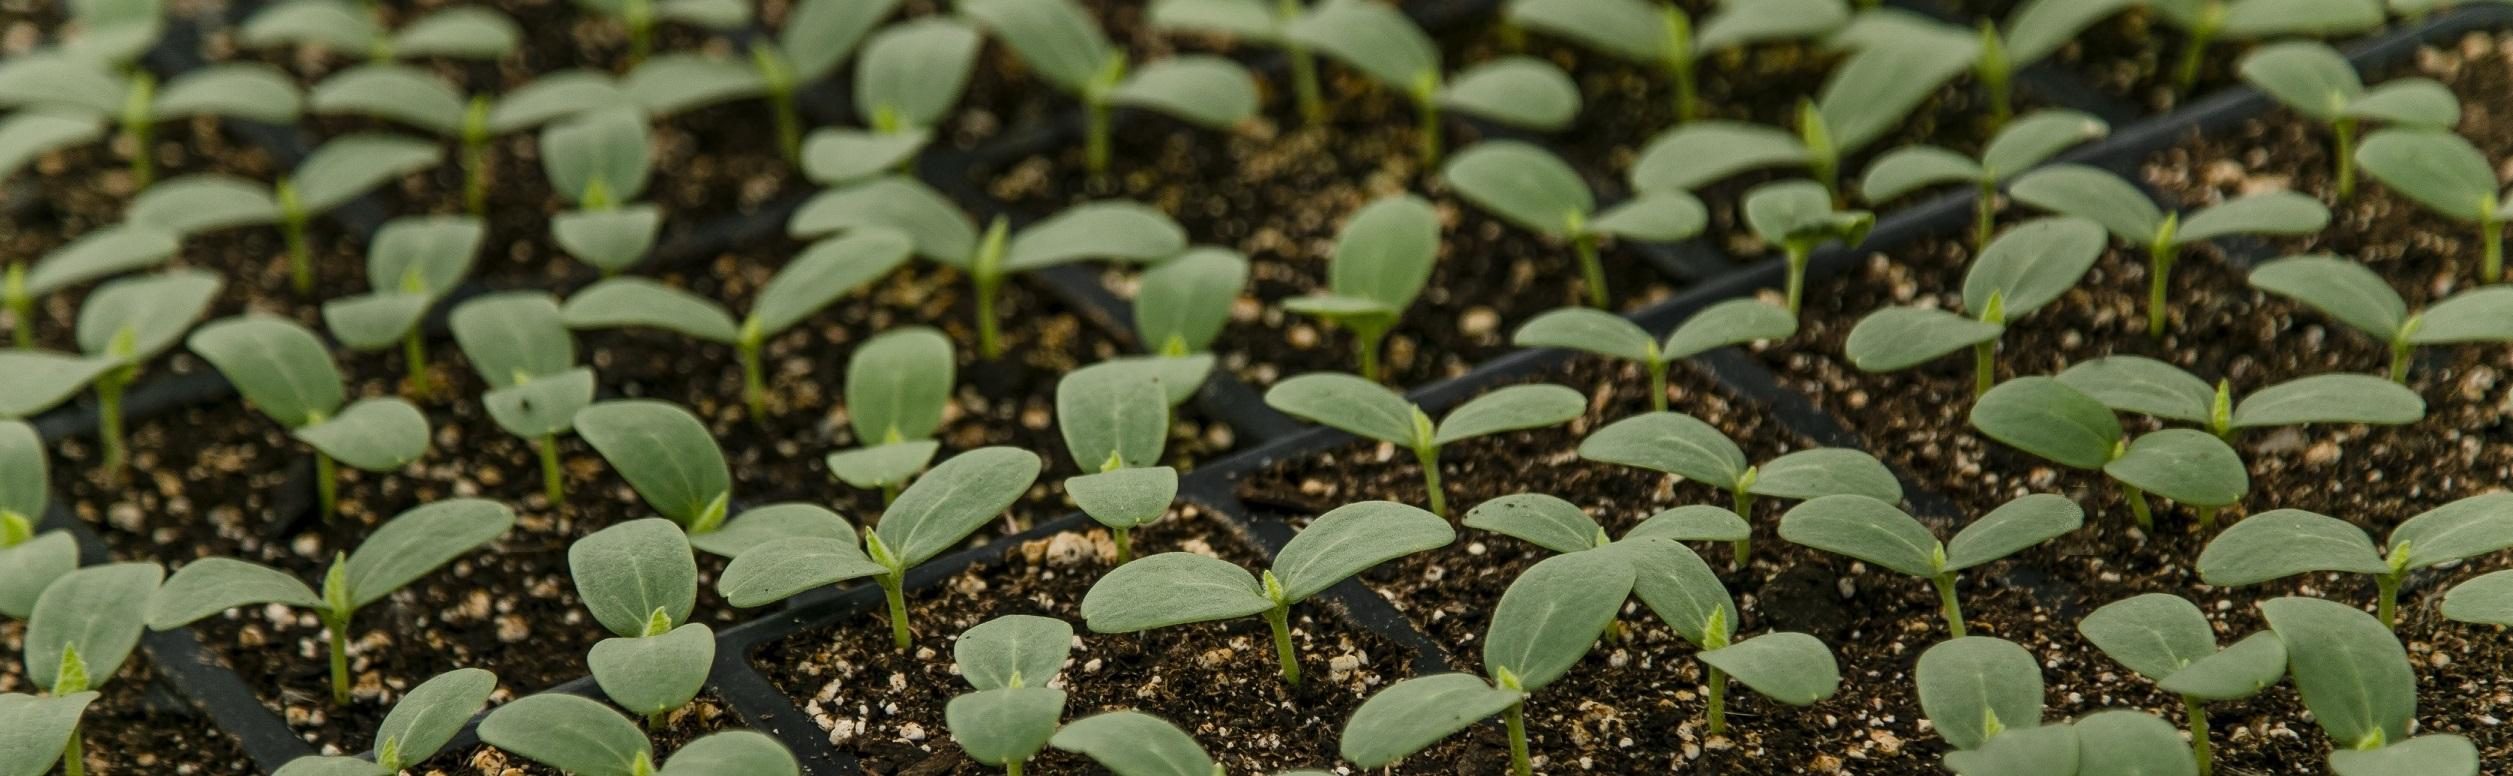 Seedlings 4 wholesale